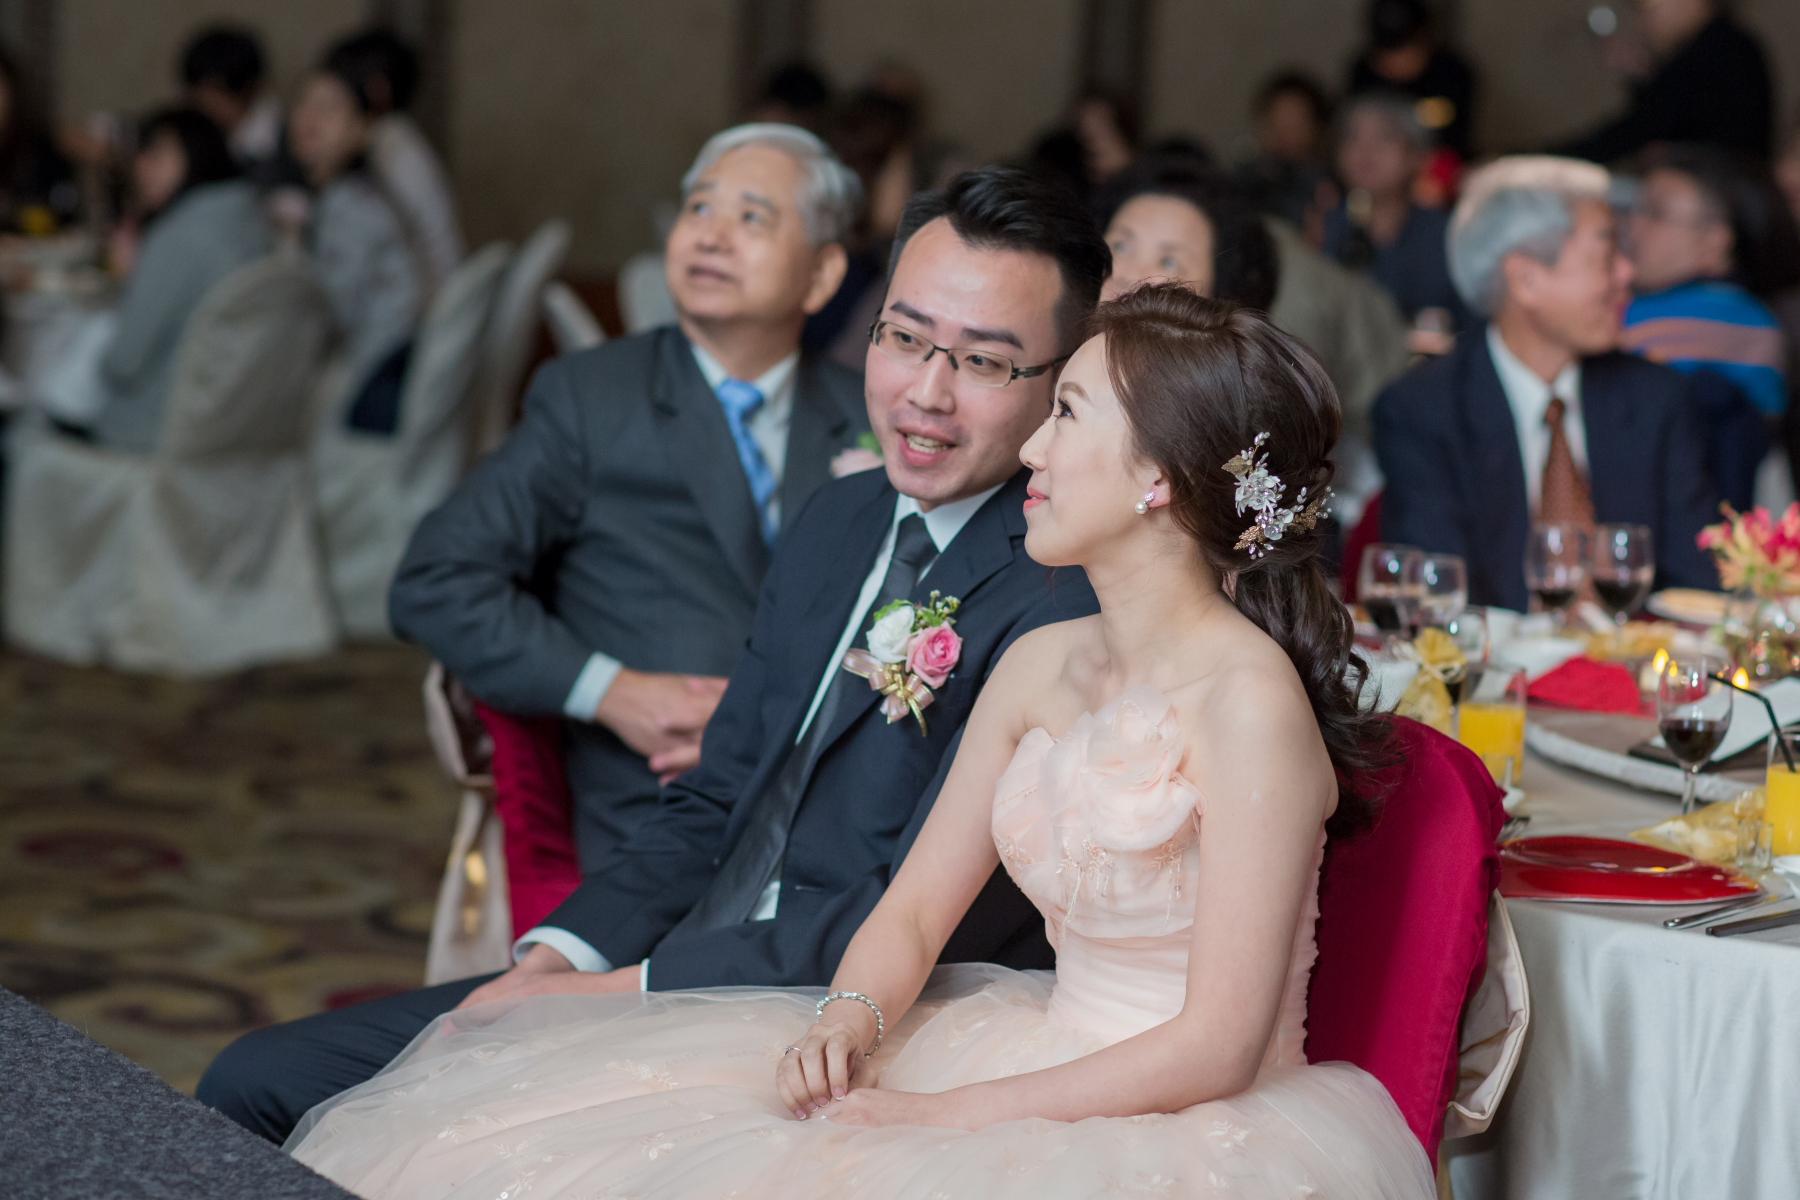 鴻璿鈺婷婚禮740